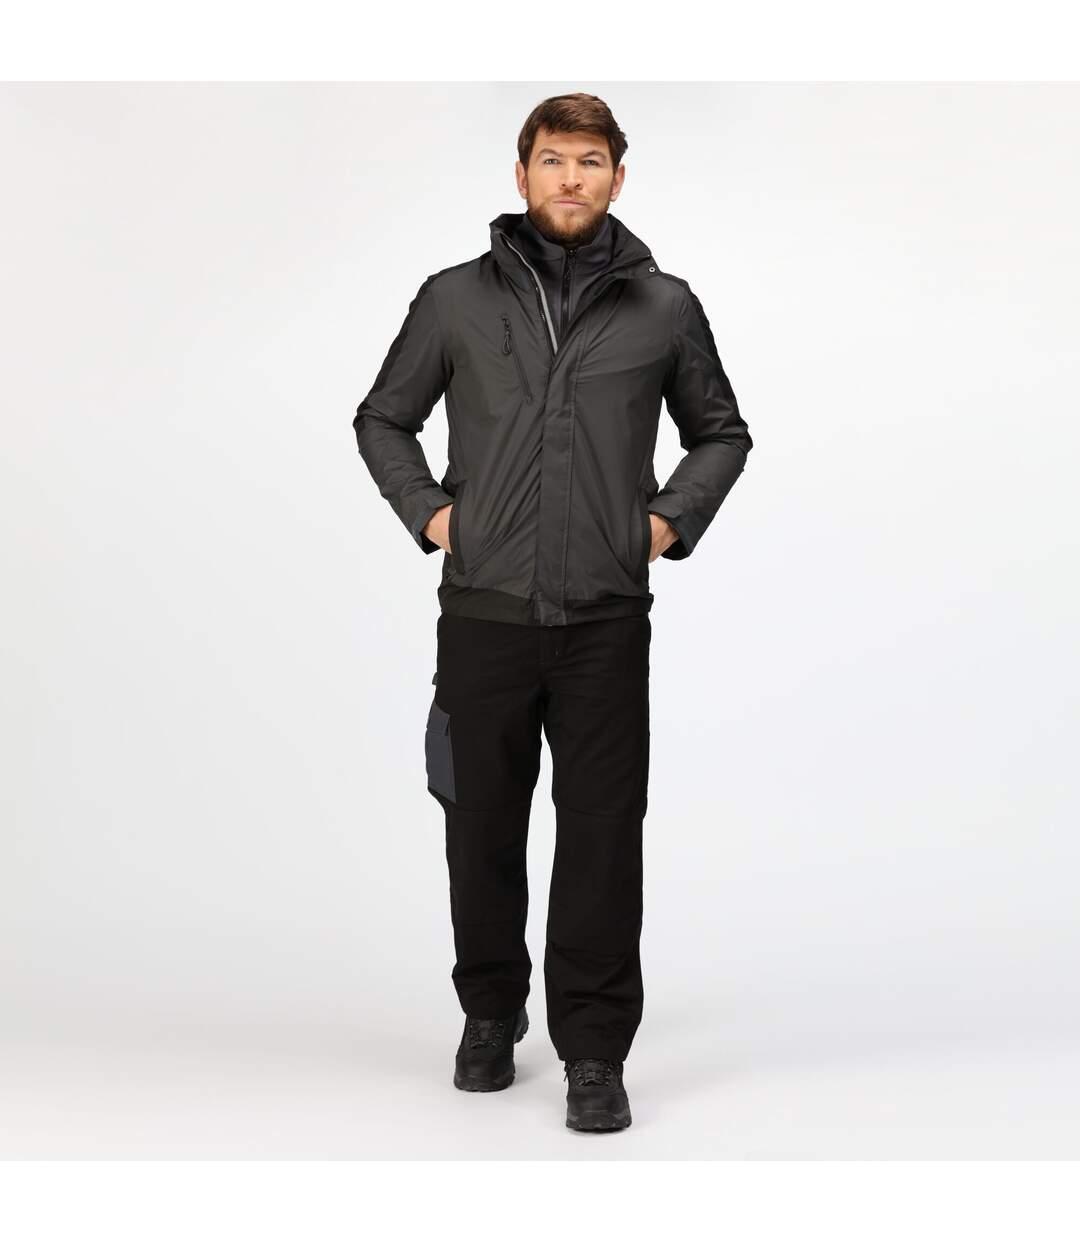 Regatta Mens Contrast 3 In 1 Jacket (New Royal Blue/Navy) - UTRG4095